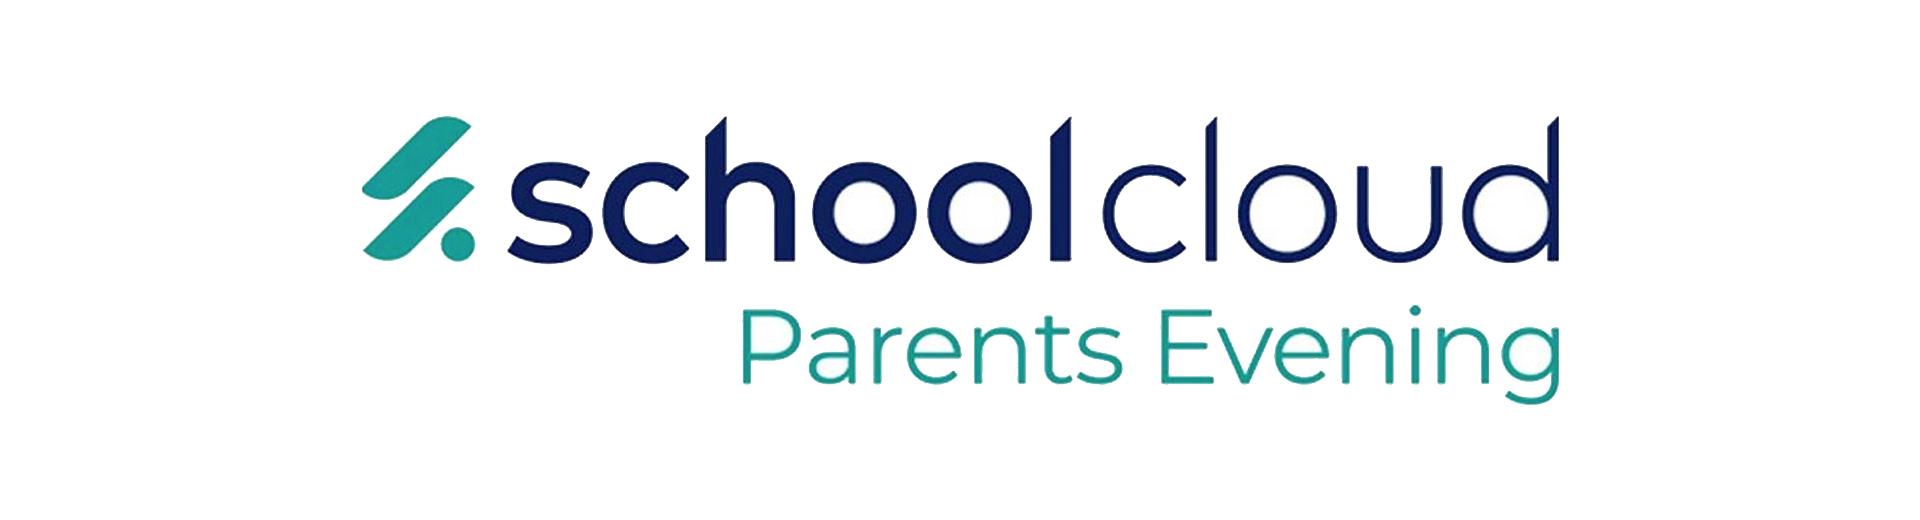 SchoolCloudPage1